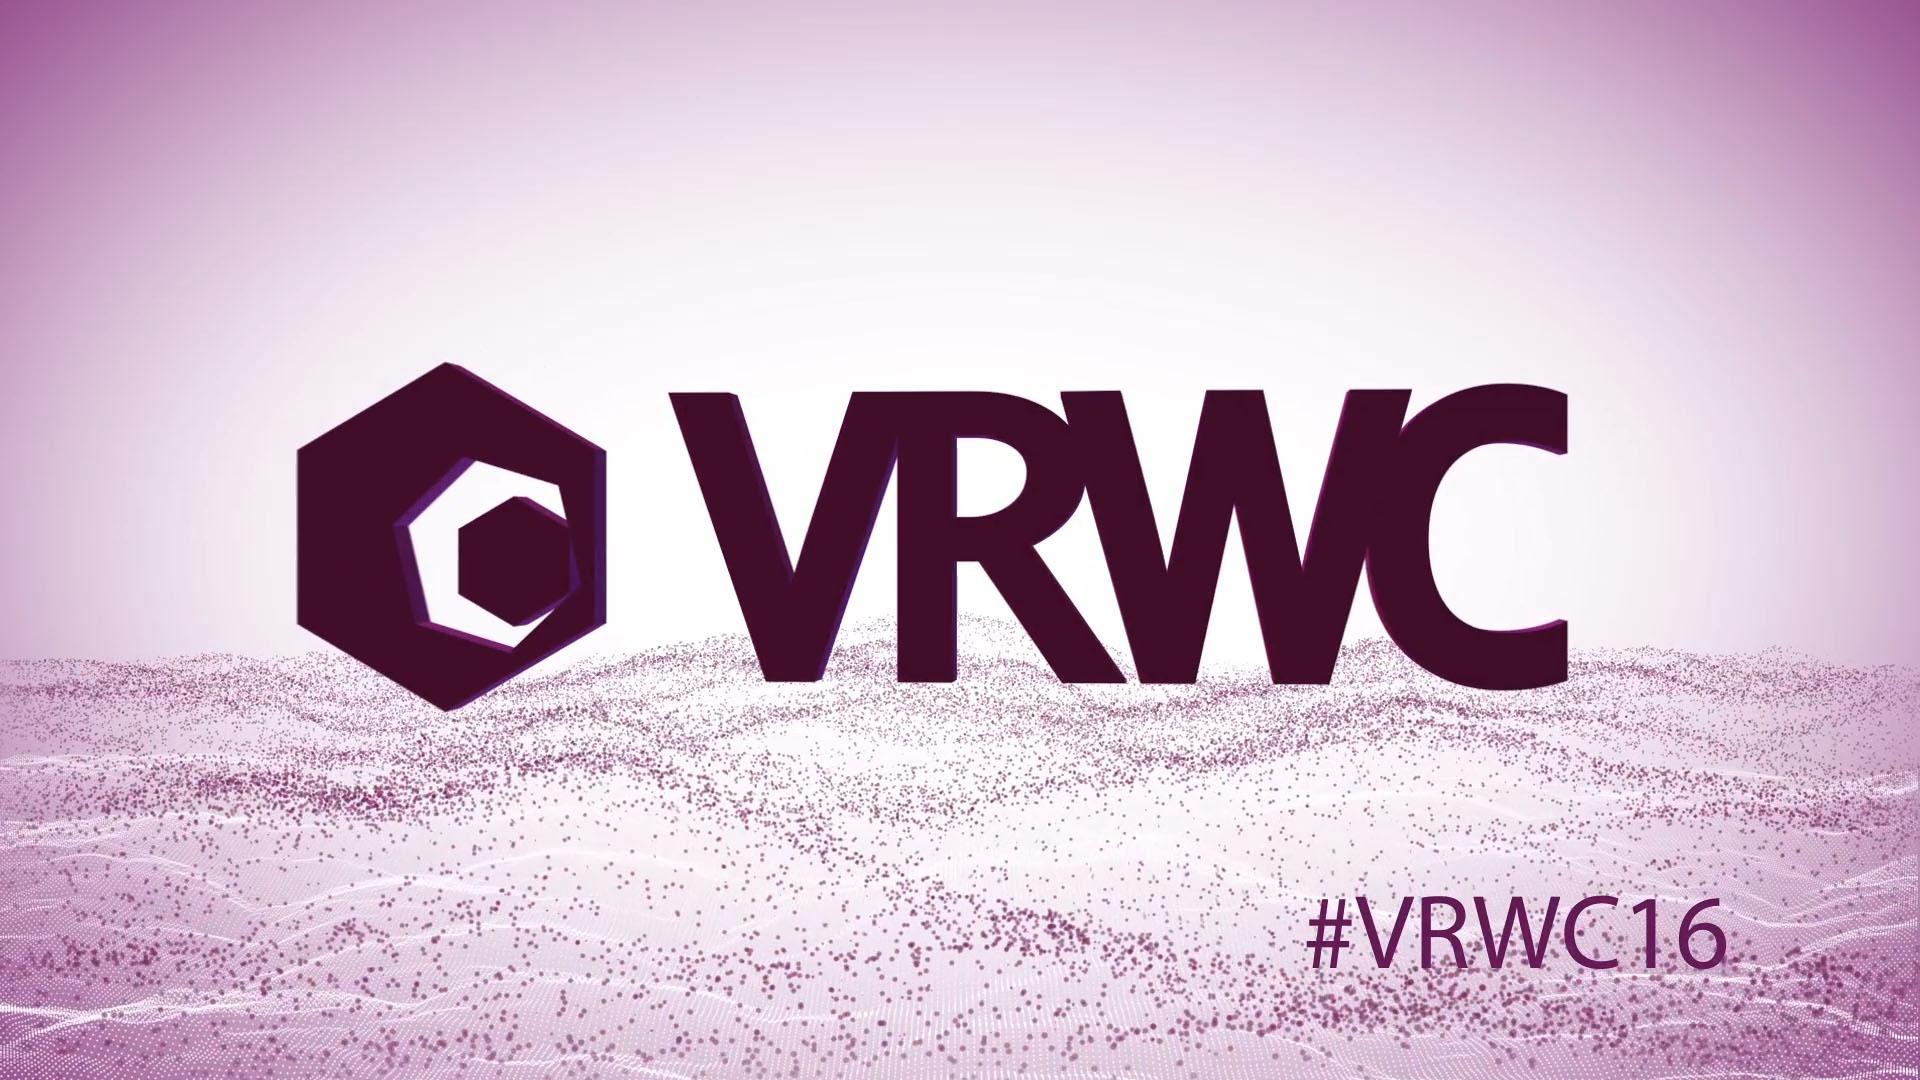 VRWC Animated Logo